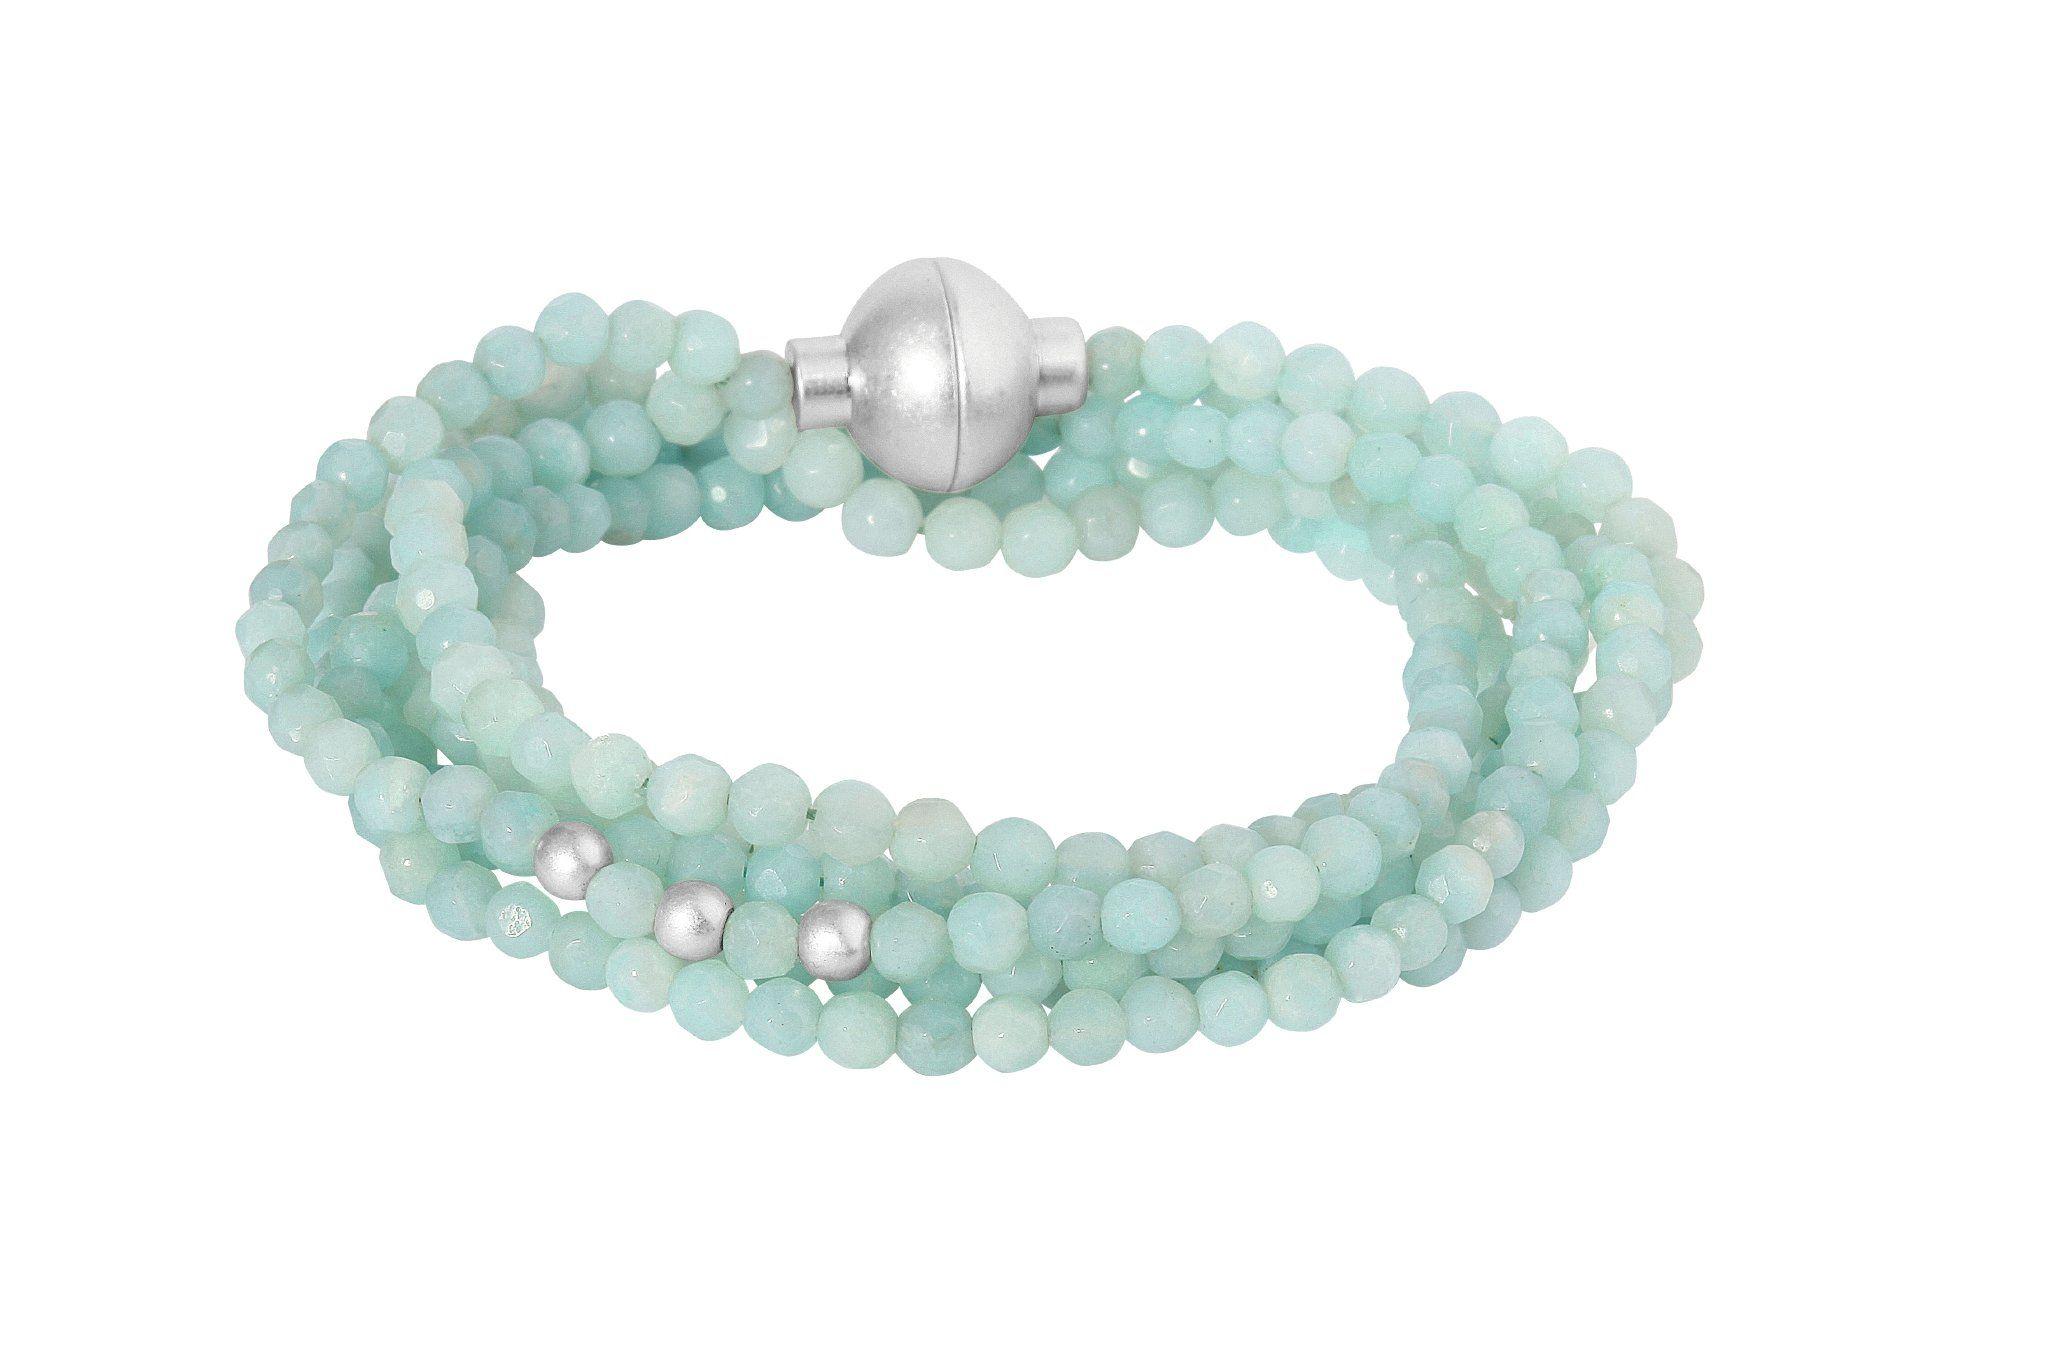 Sence Signature Amazonite Bracelet Worn Silver